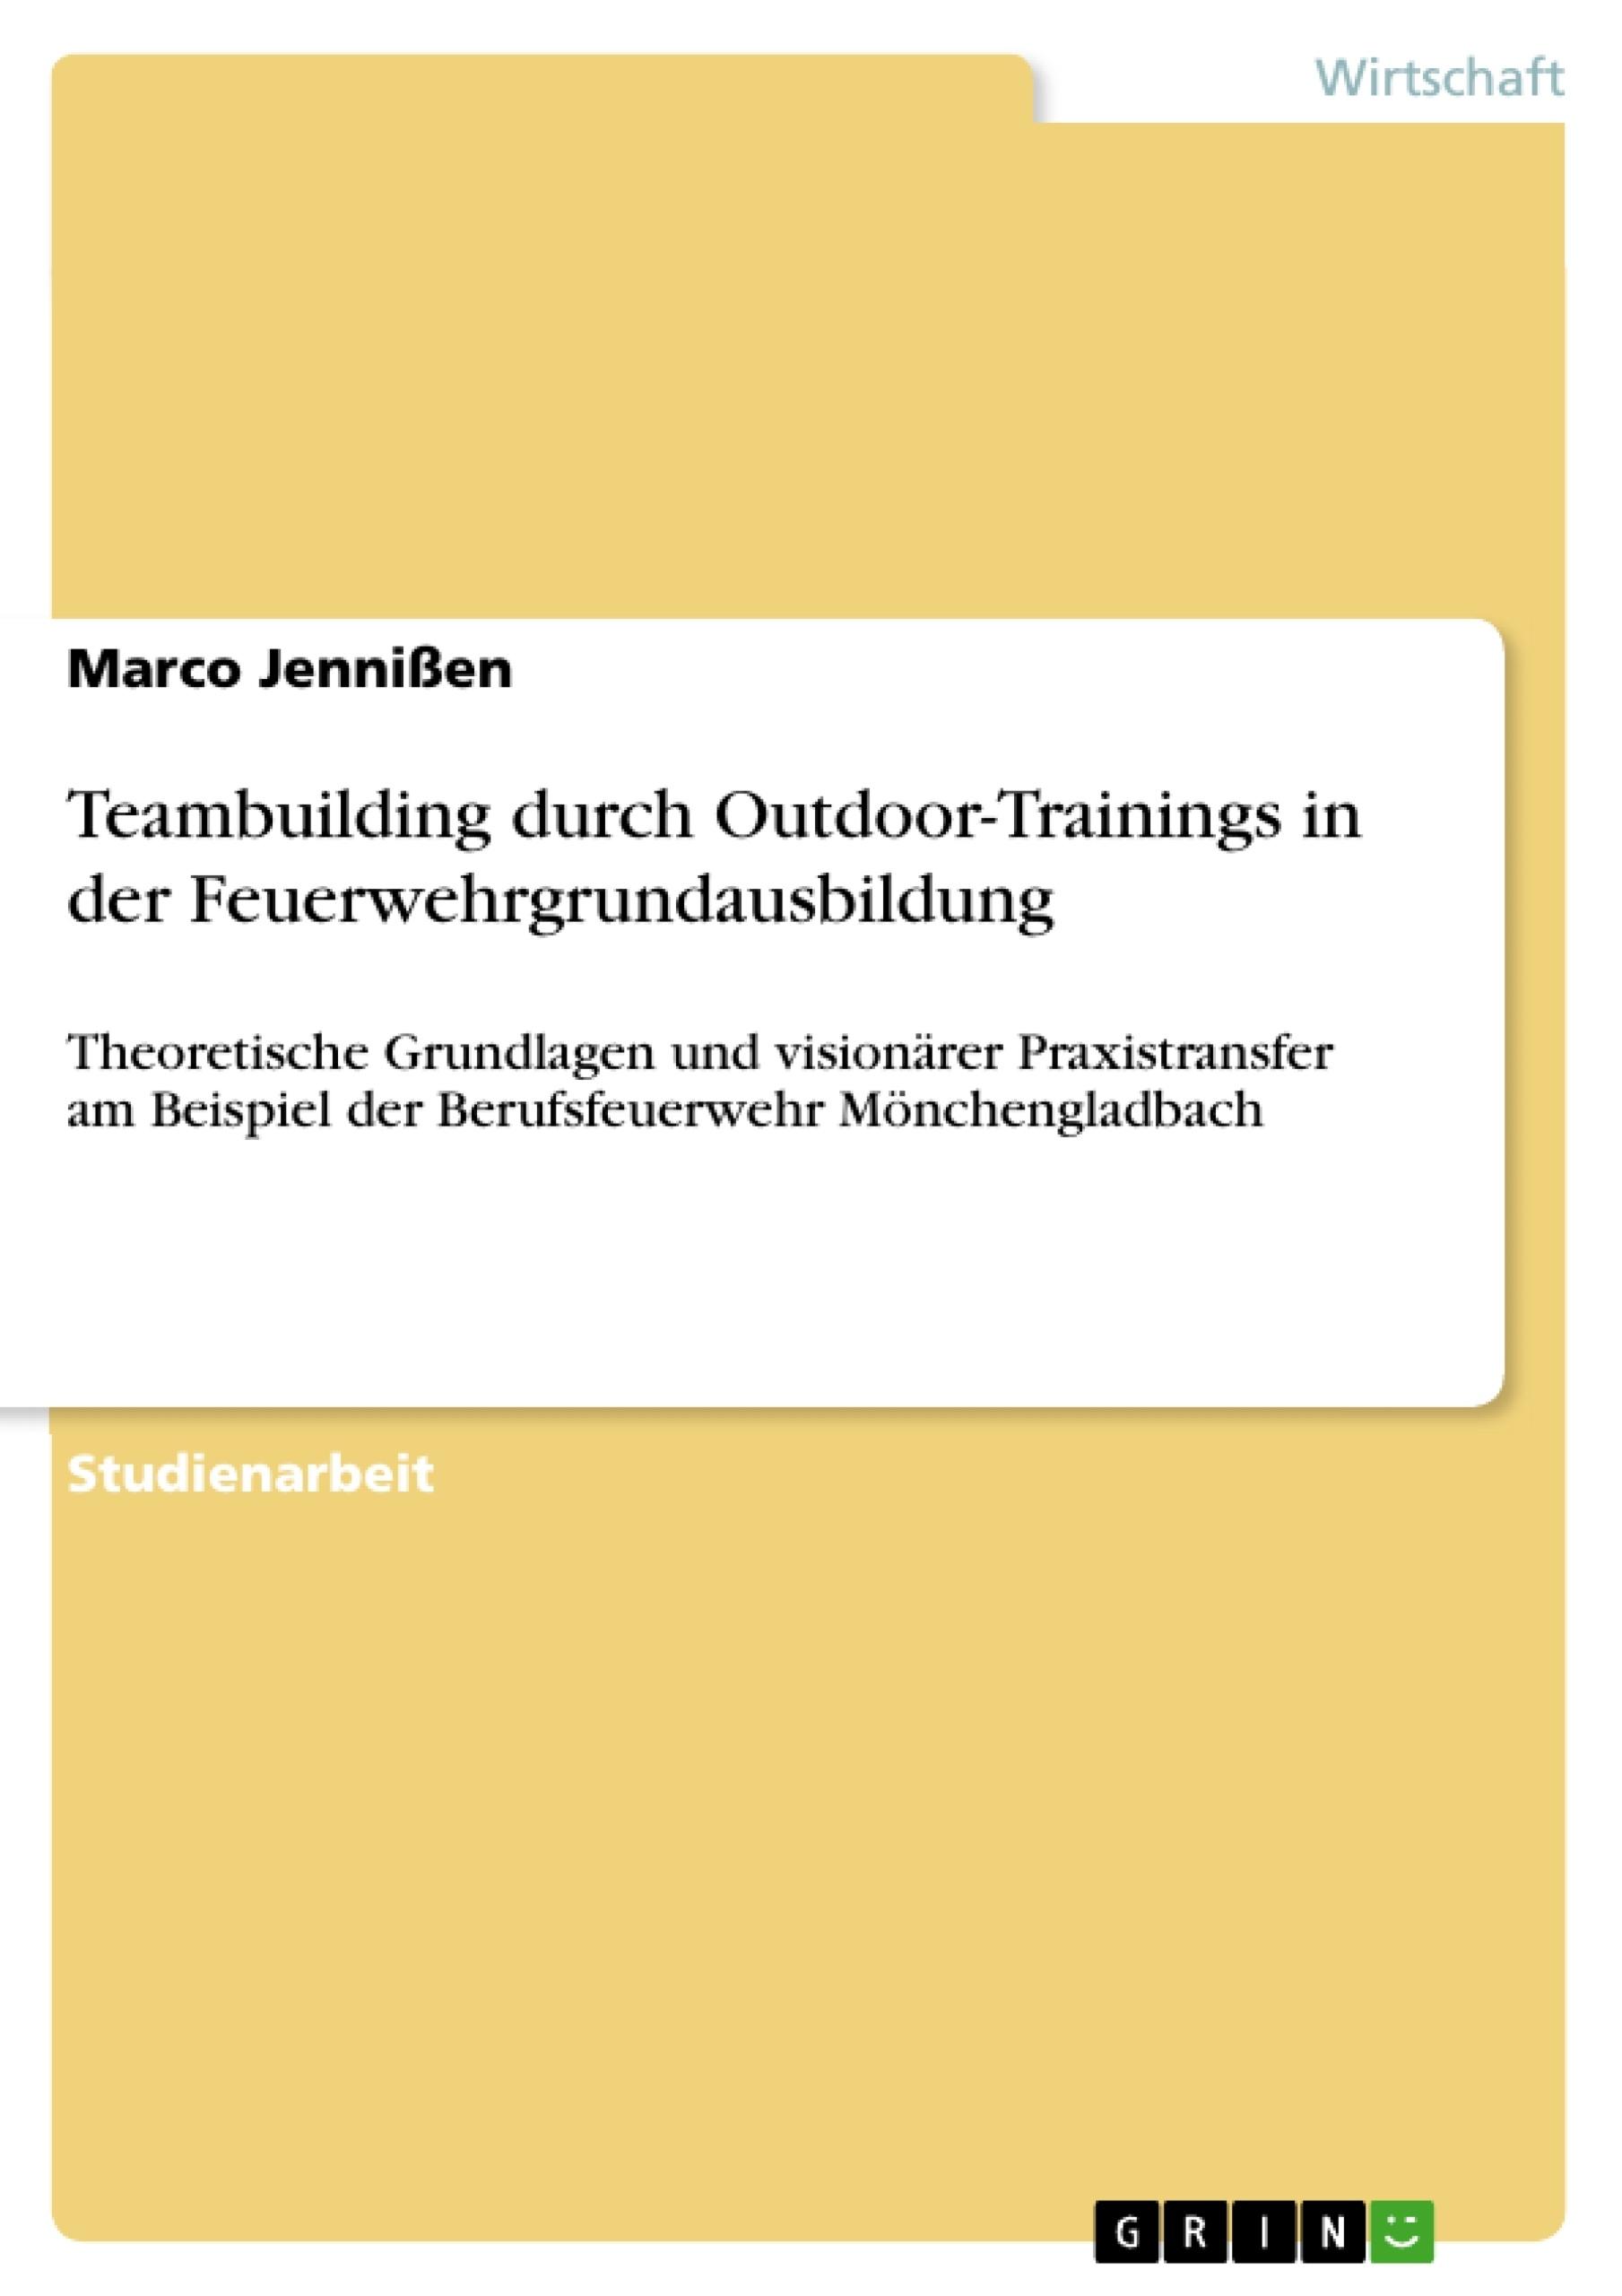 Titel: Teambuilding durch Outdoor-Trainings in der Feuerwehrgrundausbildung